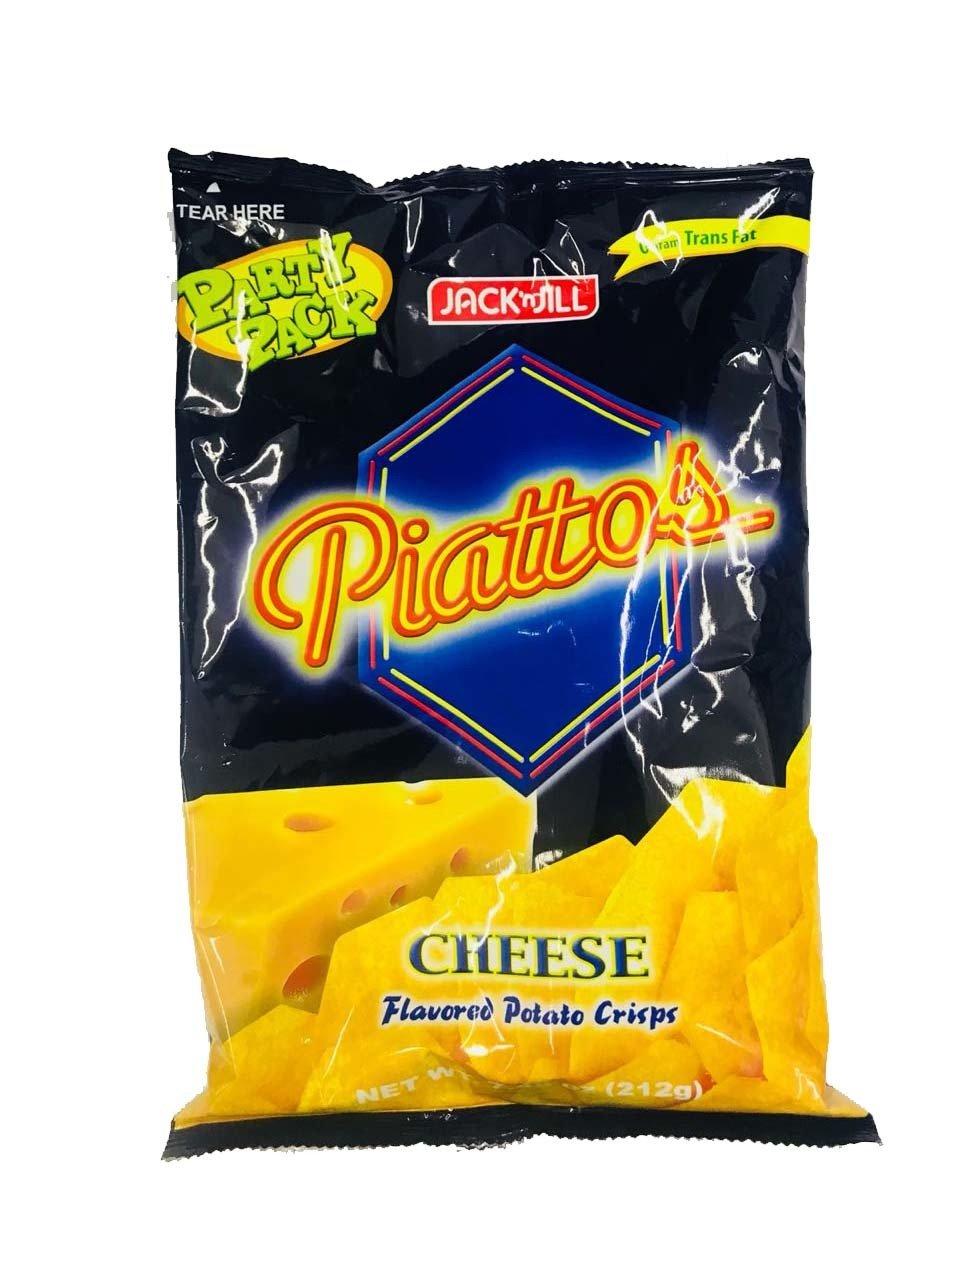 Piattos Cheese Flavored Potato Crisp 212g